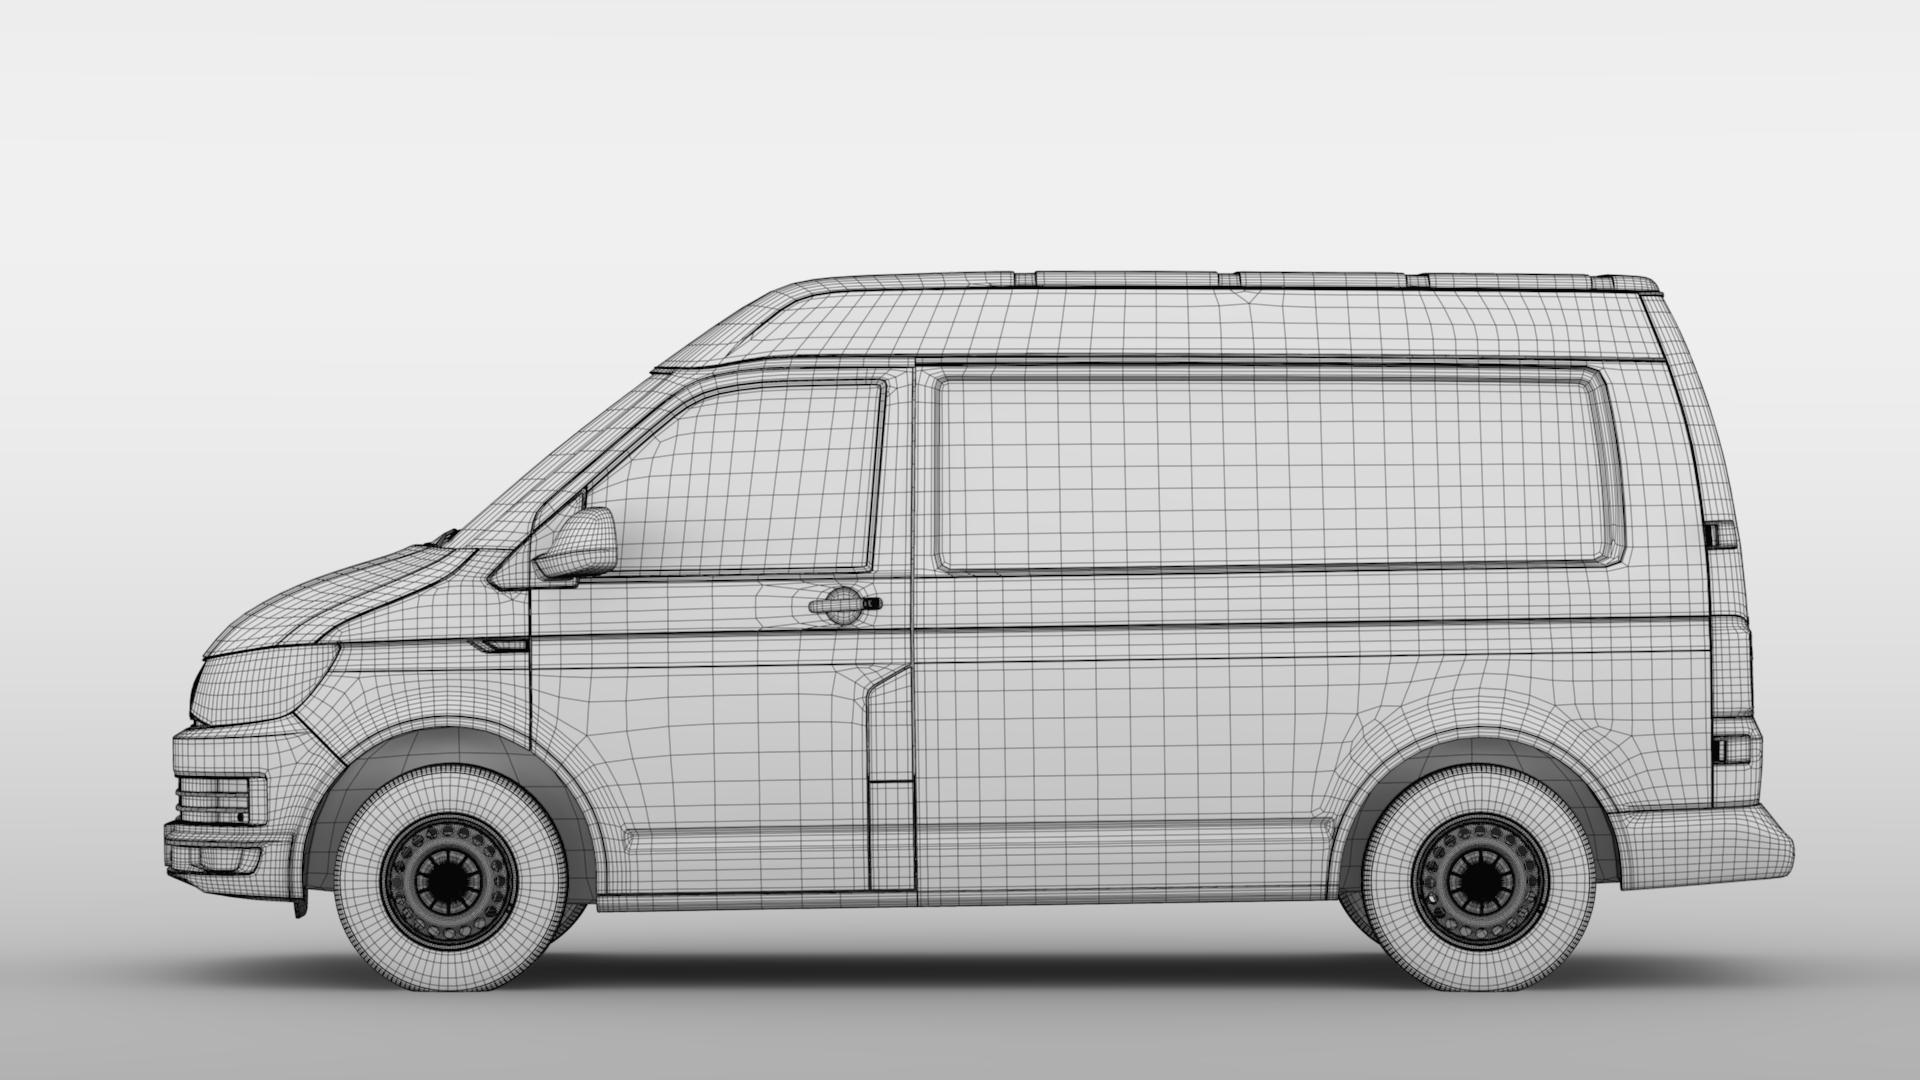 volkswagen transporter van l1h2 t6 2017 3d model max fbx c4d lwo ma mb hrc xsi obj 275162